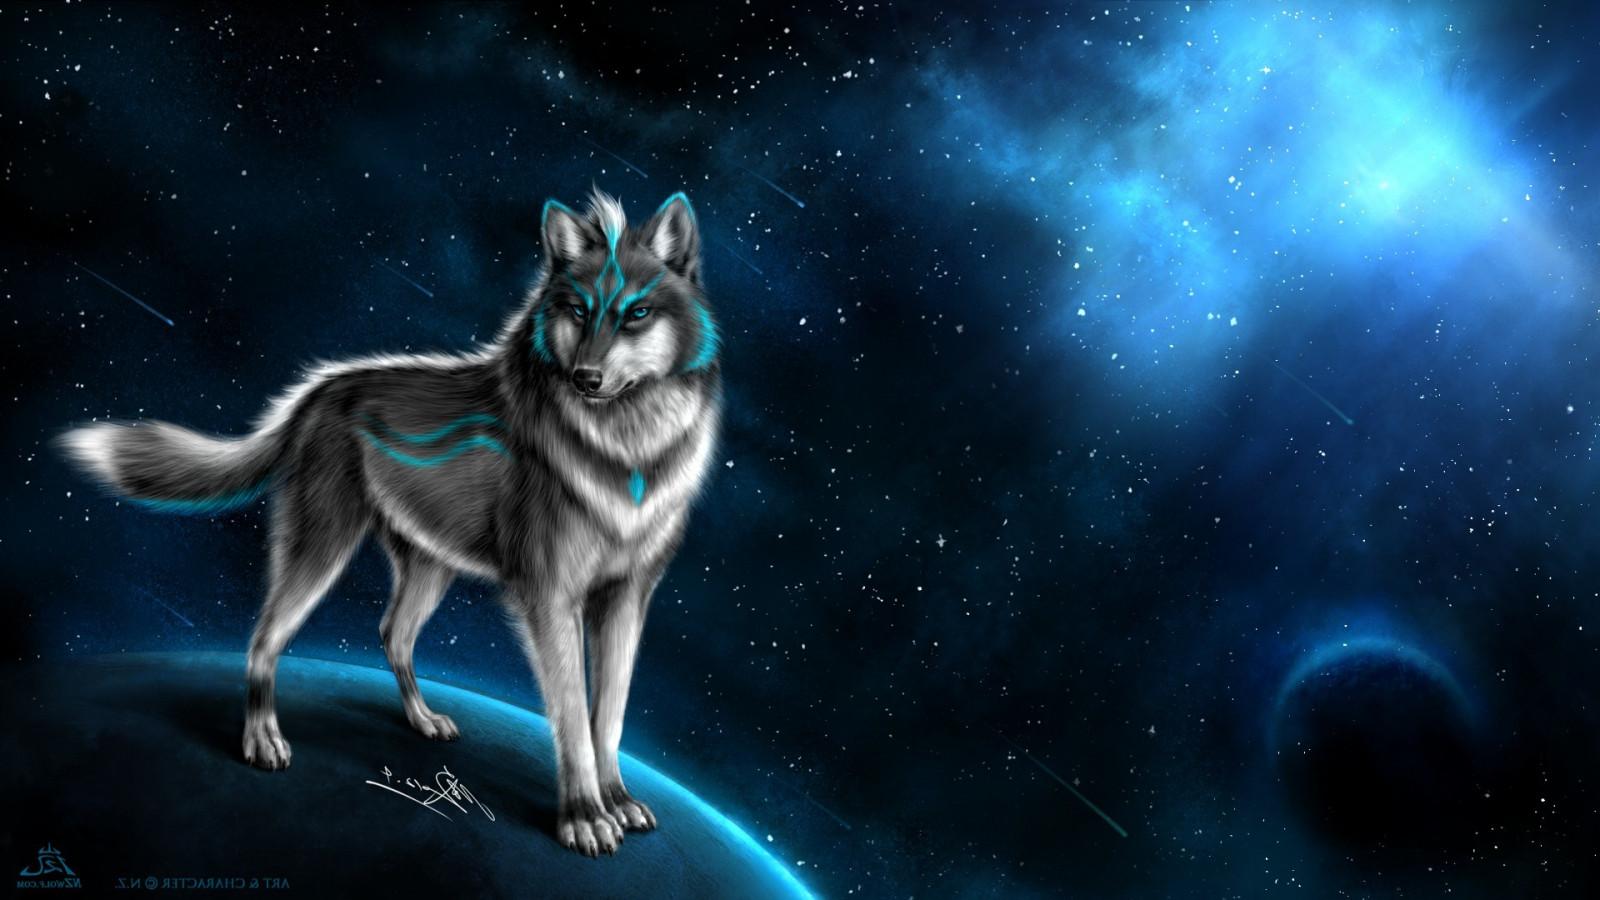 ilustrace zvěř fantasy umění space art vlk půlnoc Snímek obrazovky 1920x1080 px počítač tapeta fiktivní postava vesmír